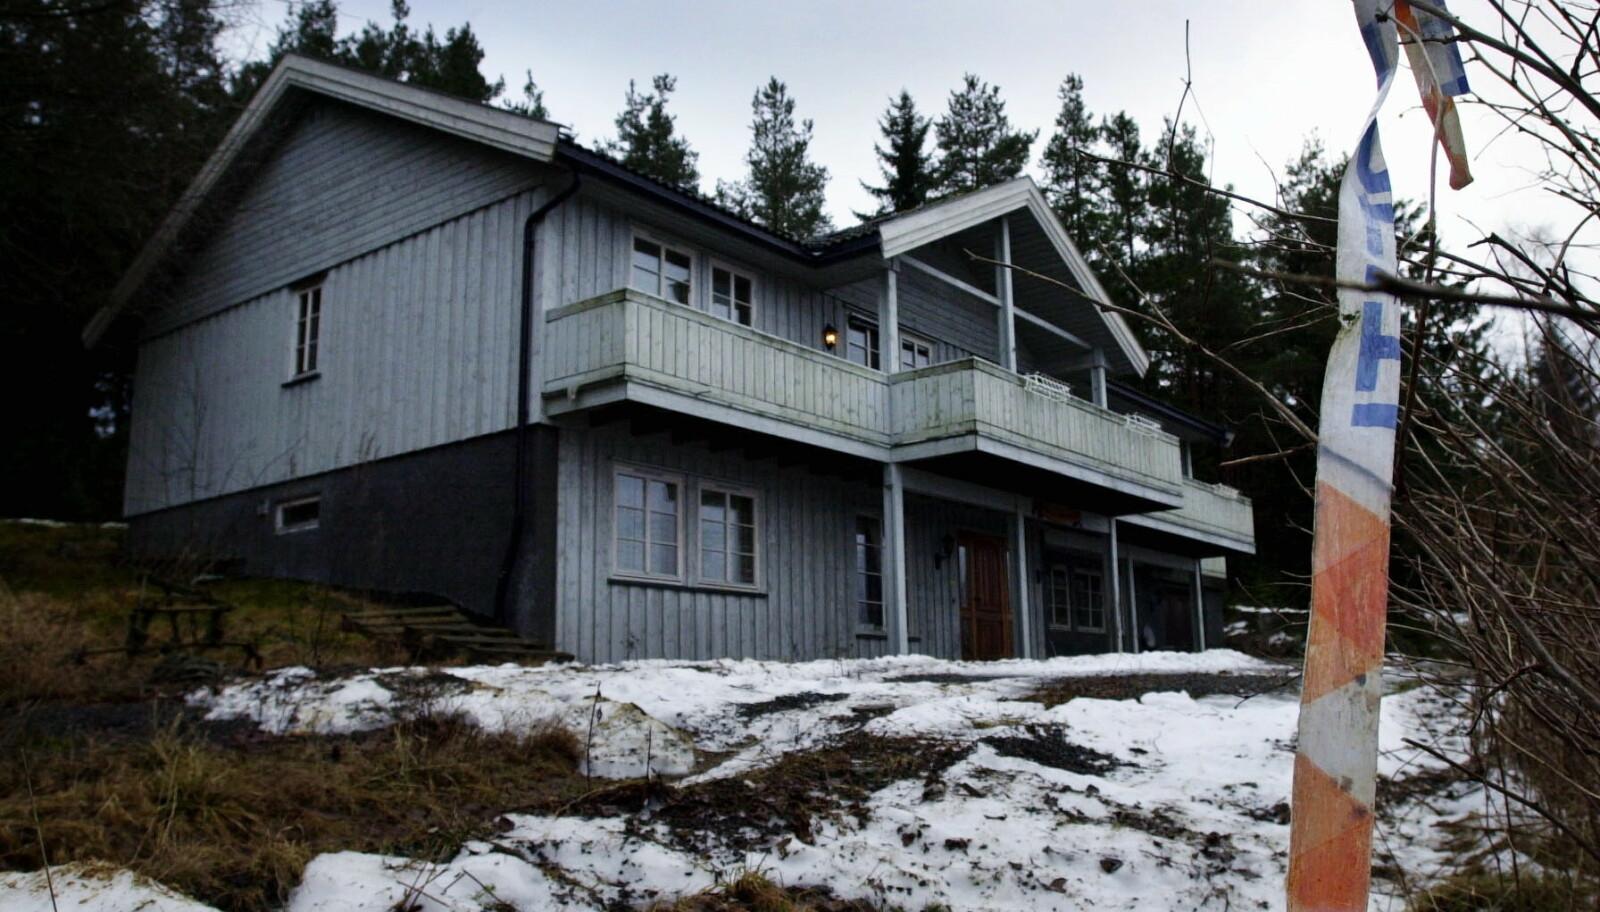 ÅSTEDET: Tre år etter trippeldrapet var det fremdeles falmete rester etter politisperringer ved kårboligen på Orderud gård i Sørumsand. FOTO: NTB